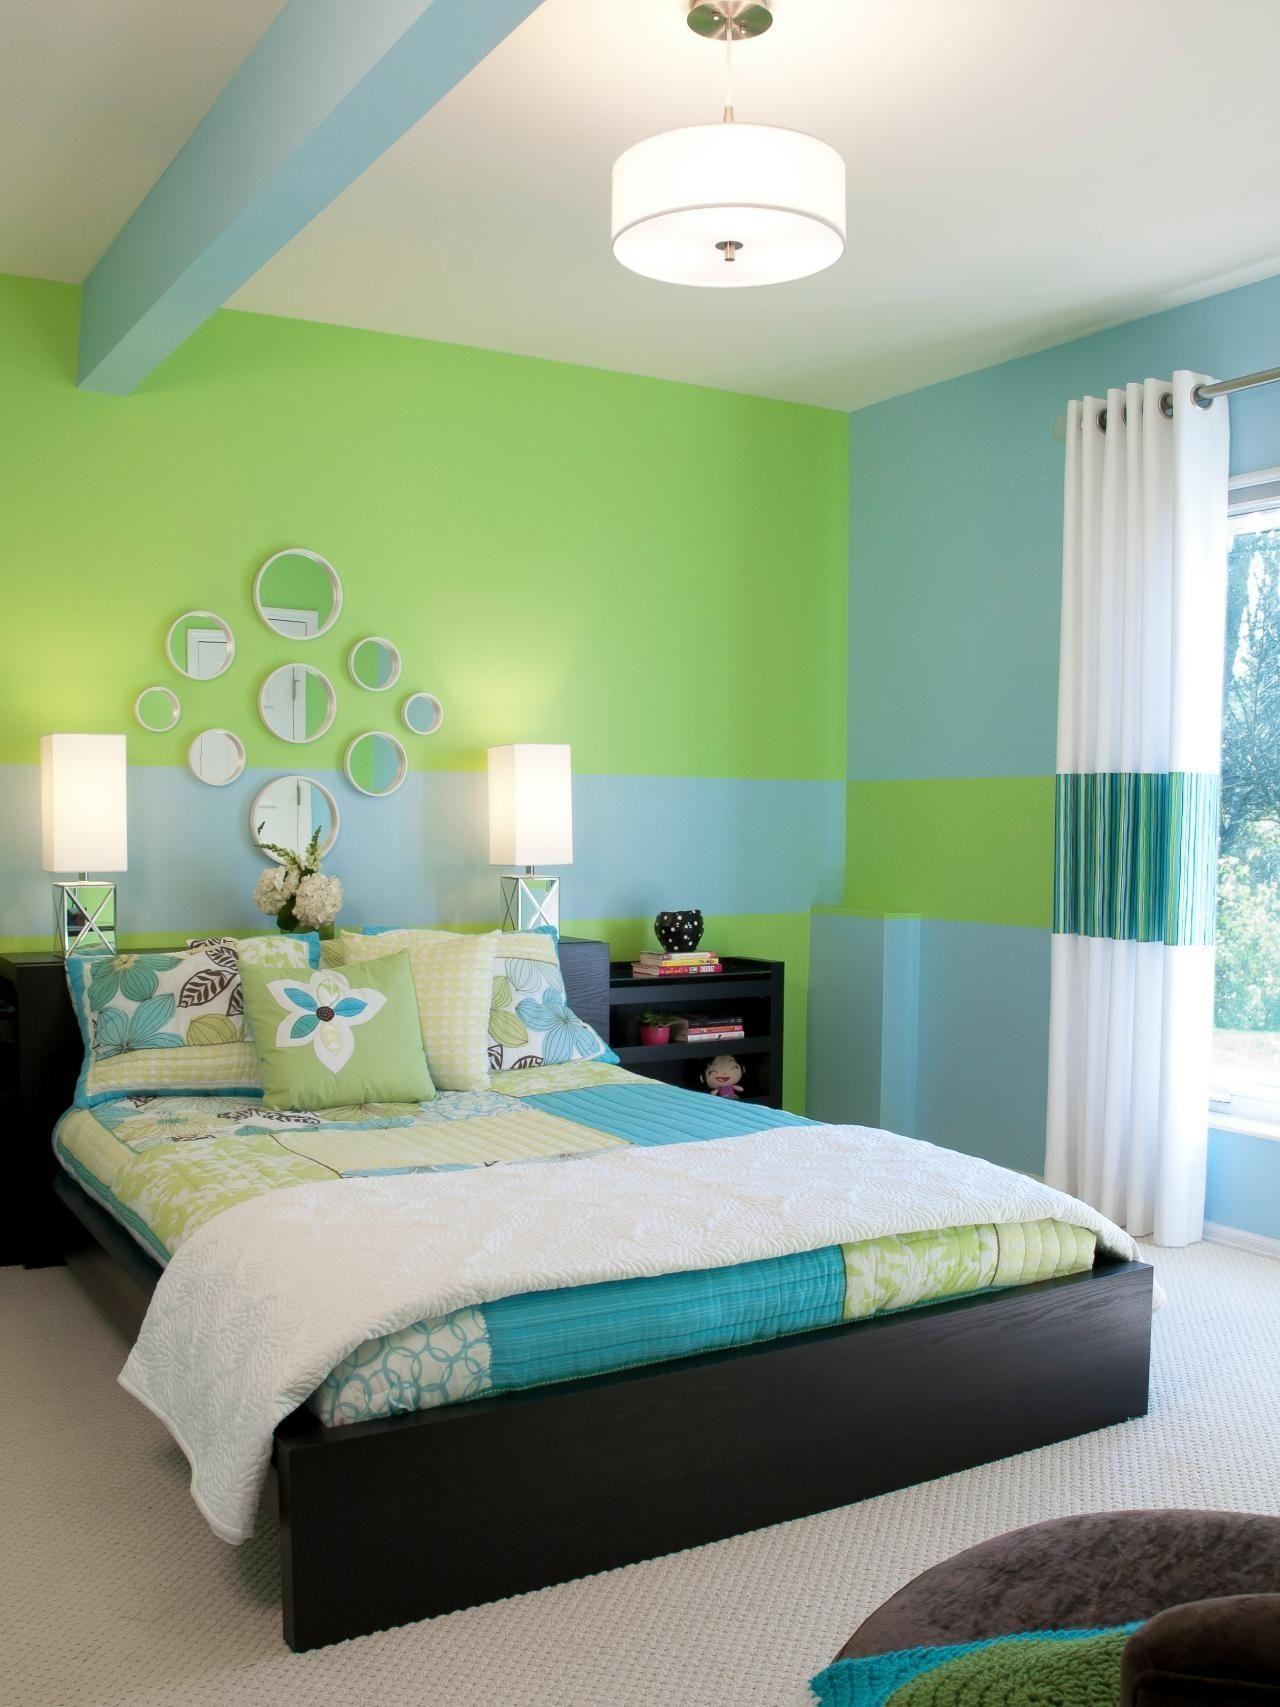 Schlafzimmer Design Ideen Beste Bett Designs Raum Dekor